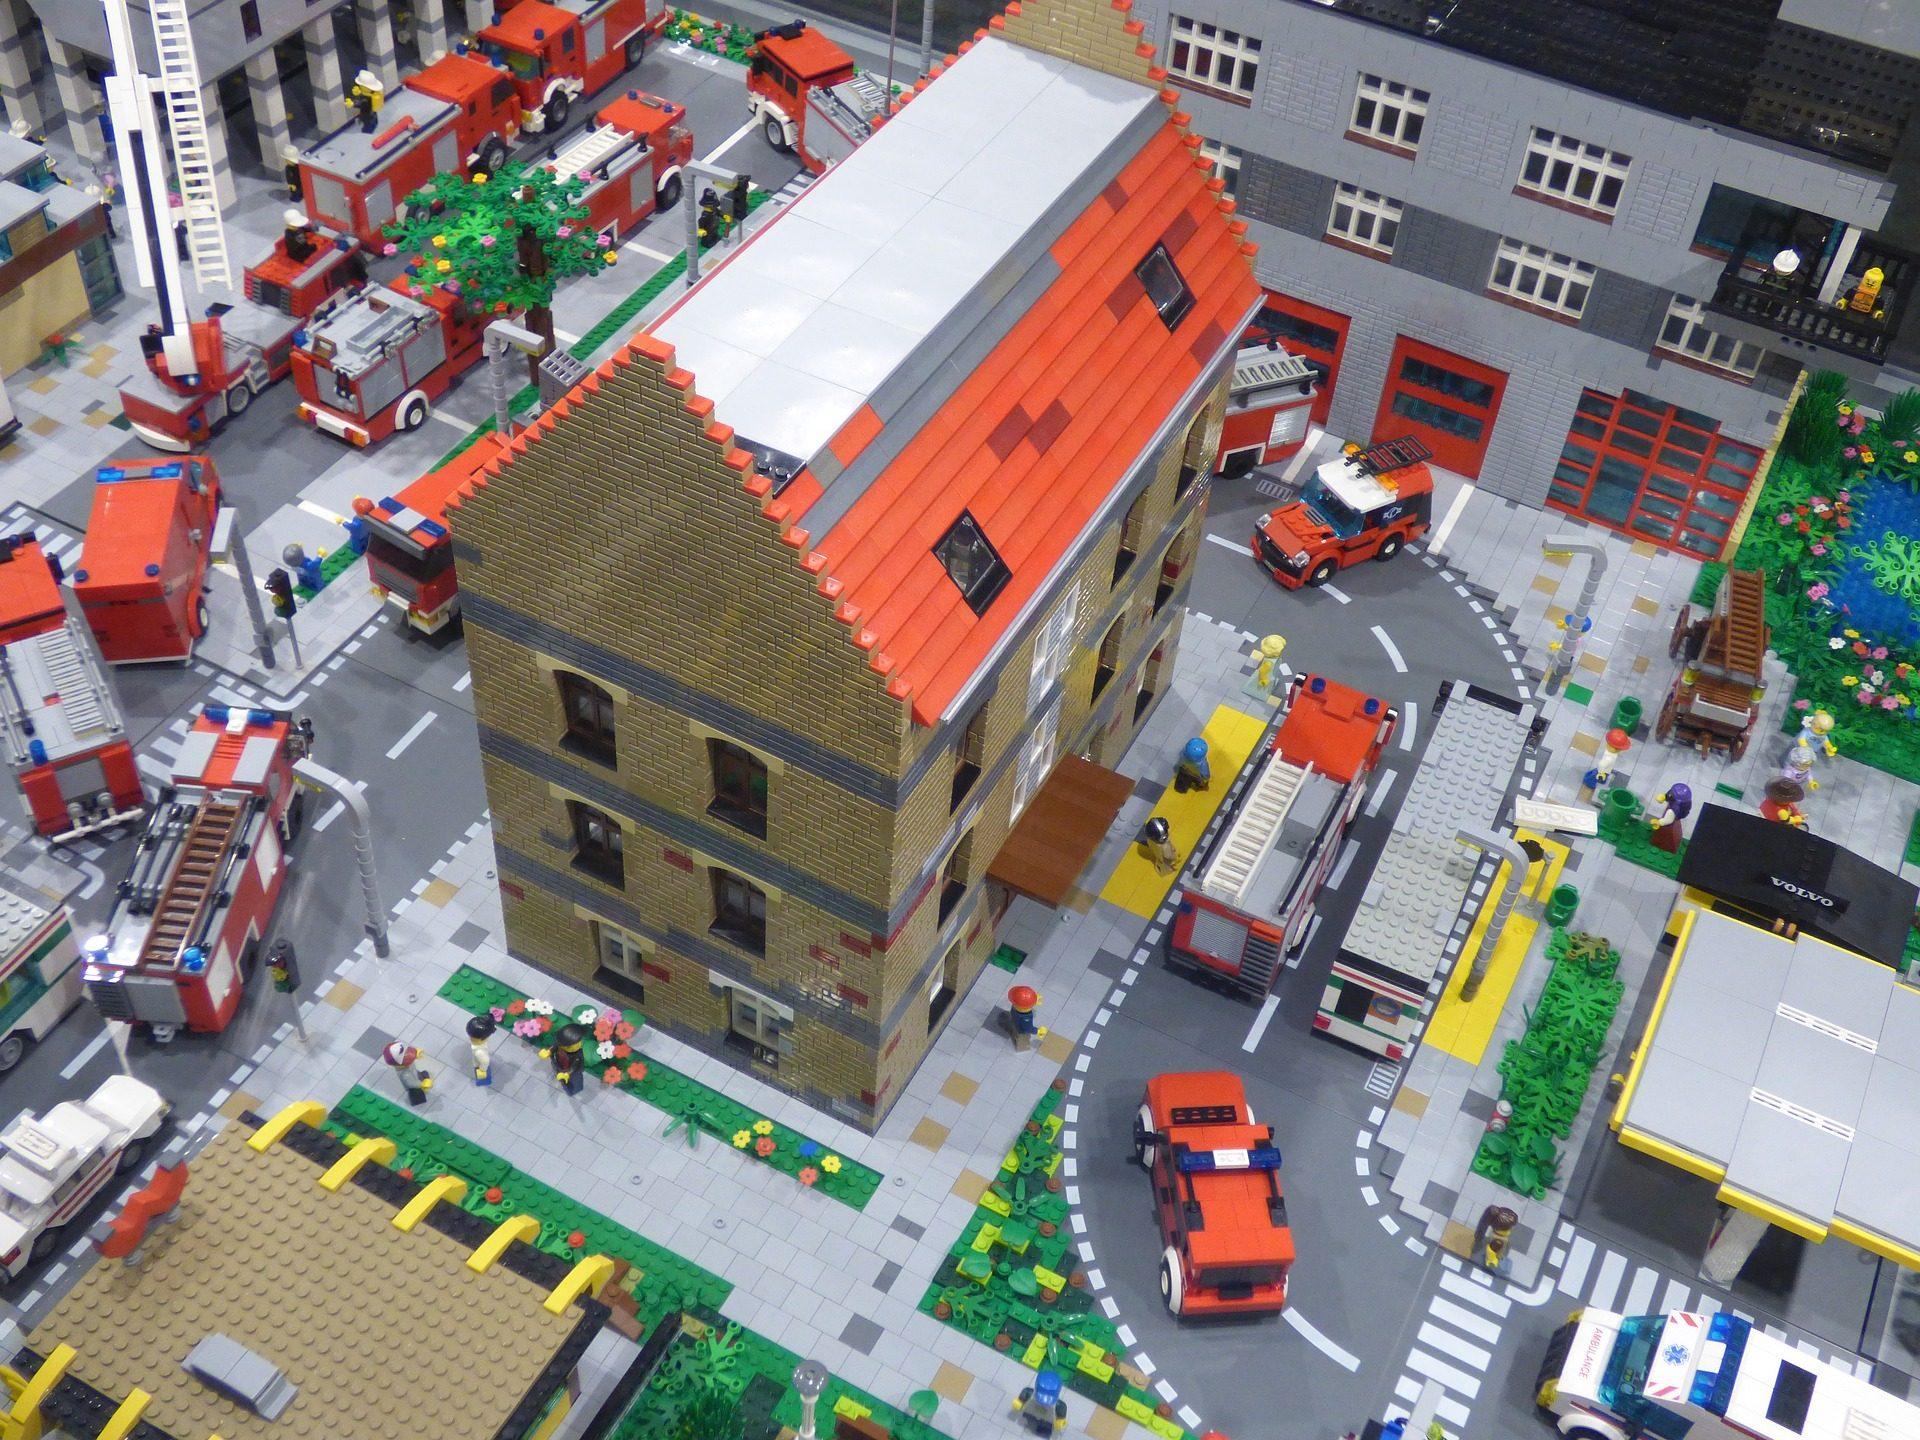 παιχνίδια, κατασκευή, κούκλες, αυτοκίνητα, Σπίτι, μπλοκ, LEGO - Wallpapers HD - Professor-falken.com